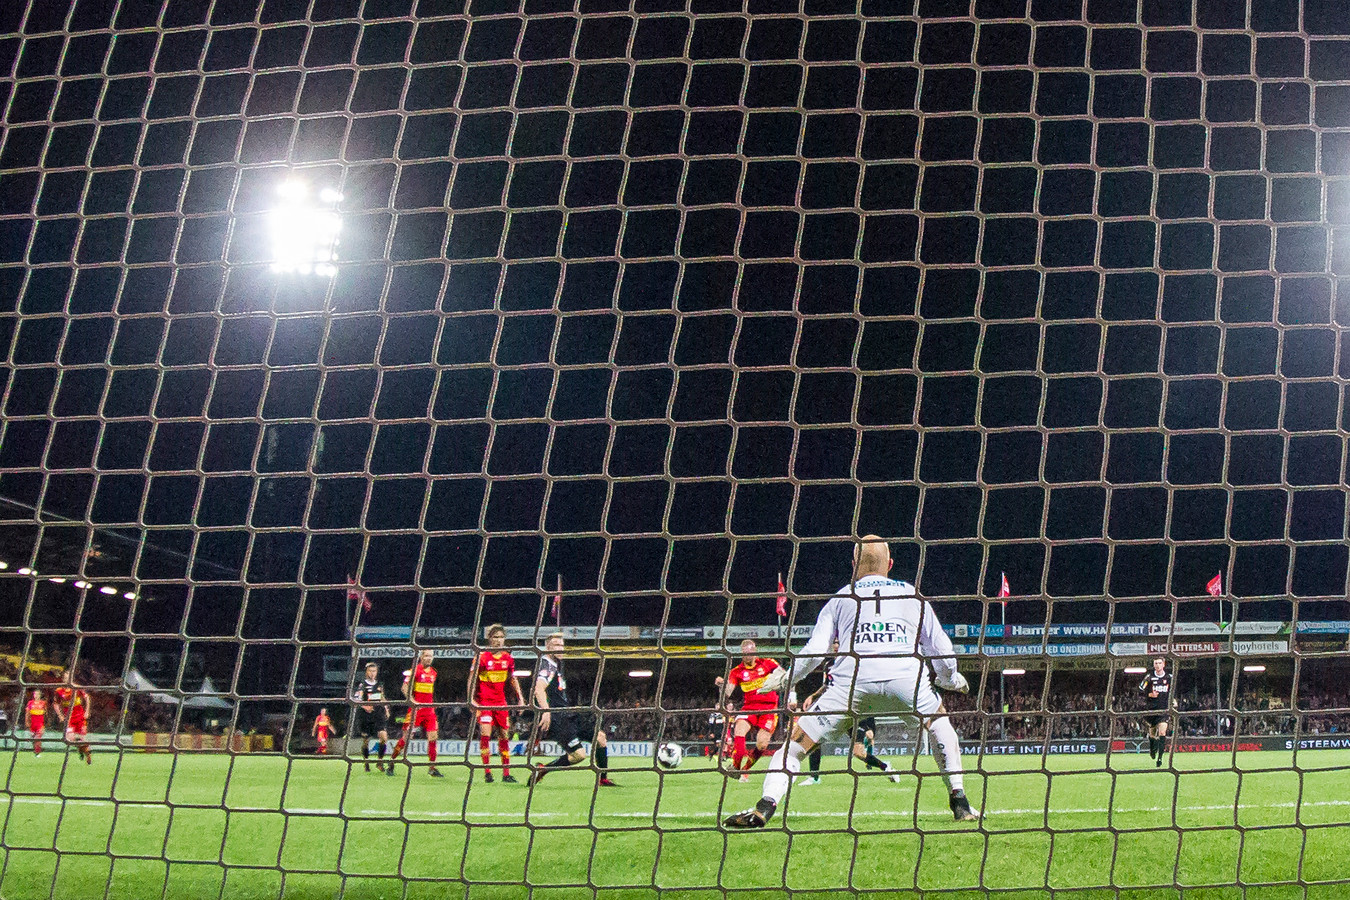 Thomas Verheydt (m) scoort de 3-0 voor GA Eagles tegen FC Volendam. Keeper Jordi van Stappershoef is kansloos.